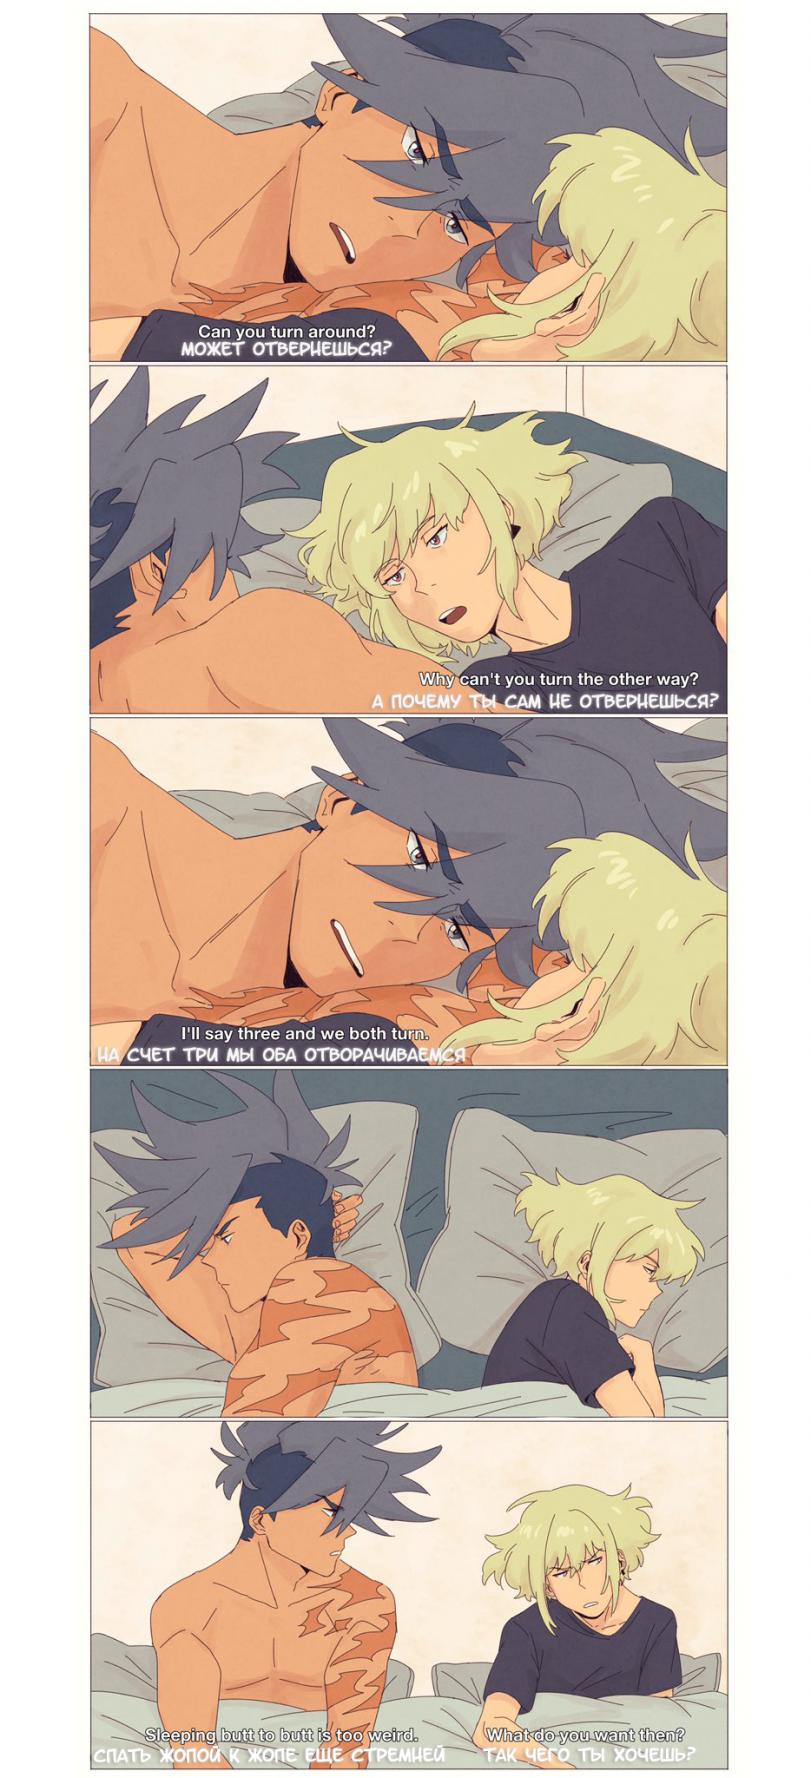 Когда парням пришлось спать в одной кровати